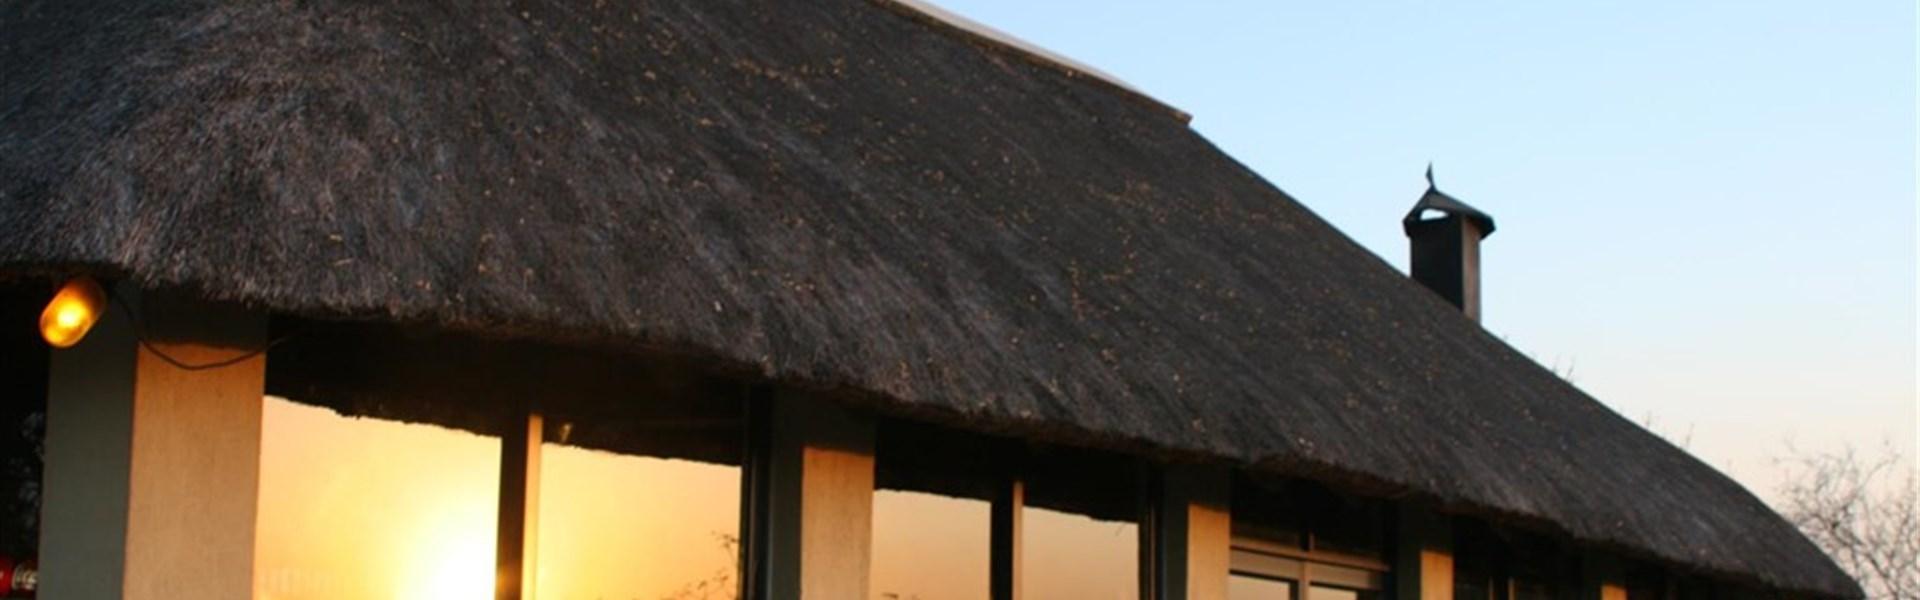 Marco Polo - Balule Bush Lodge -